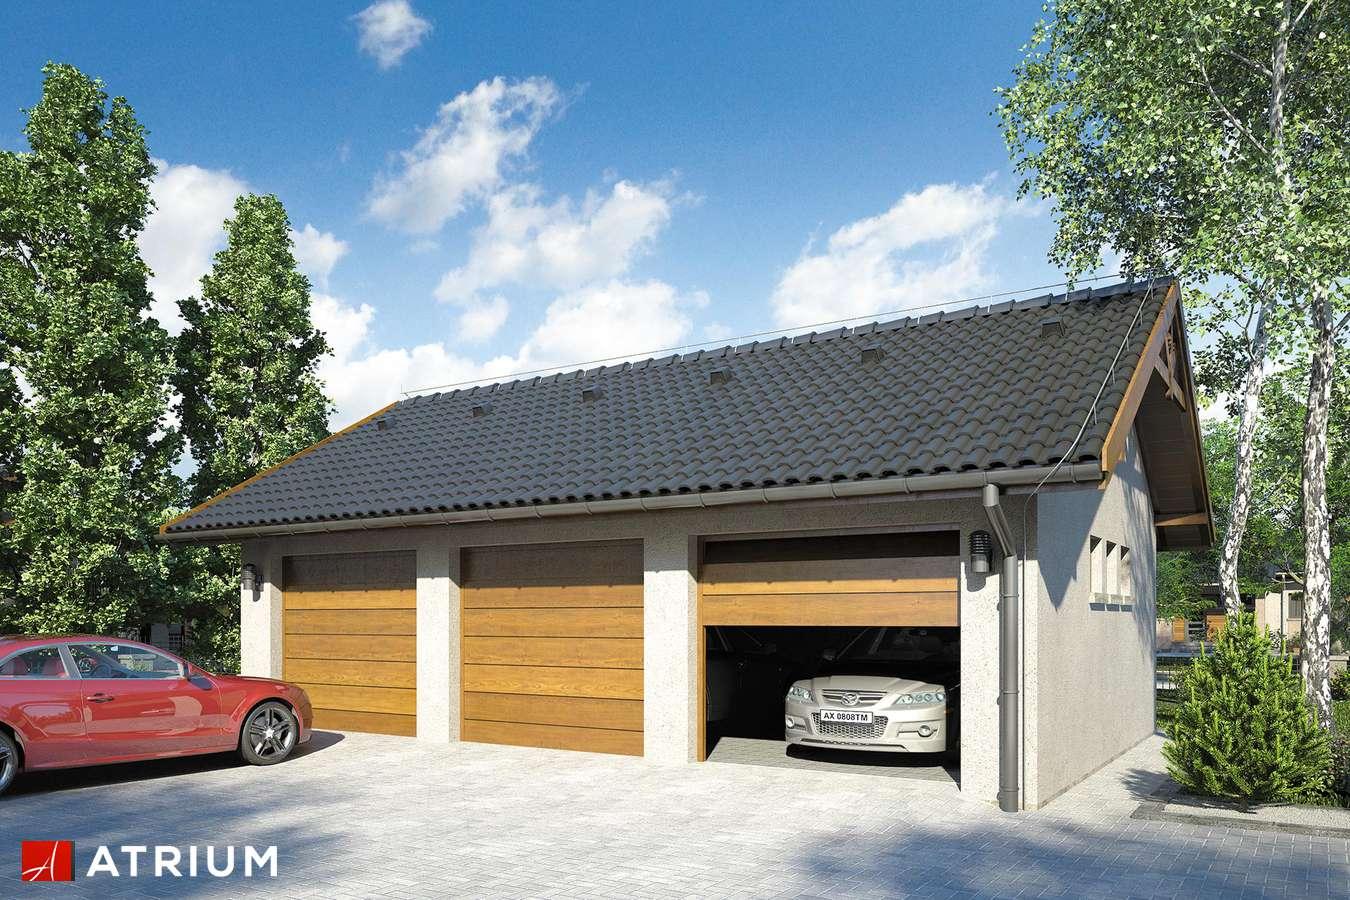 Garaż Z 21 - wizualizacja 1